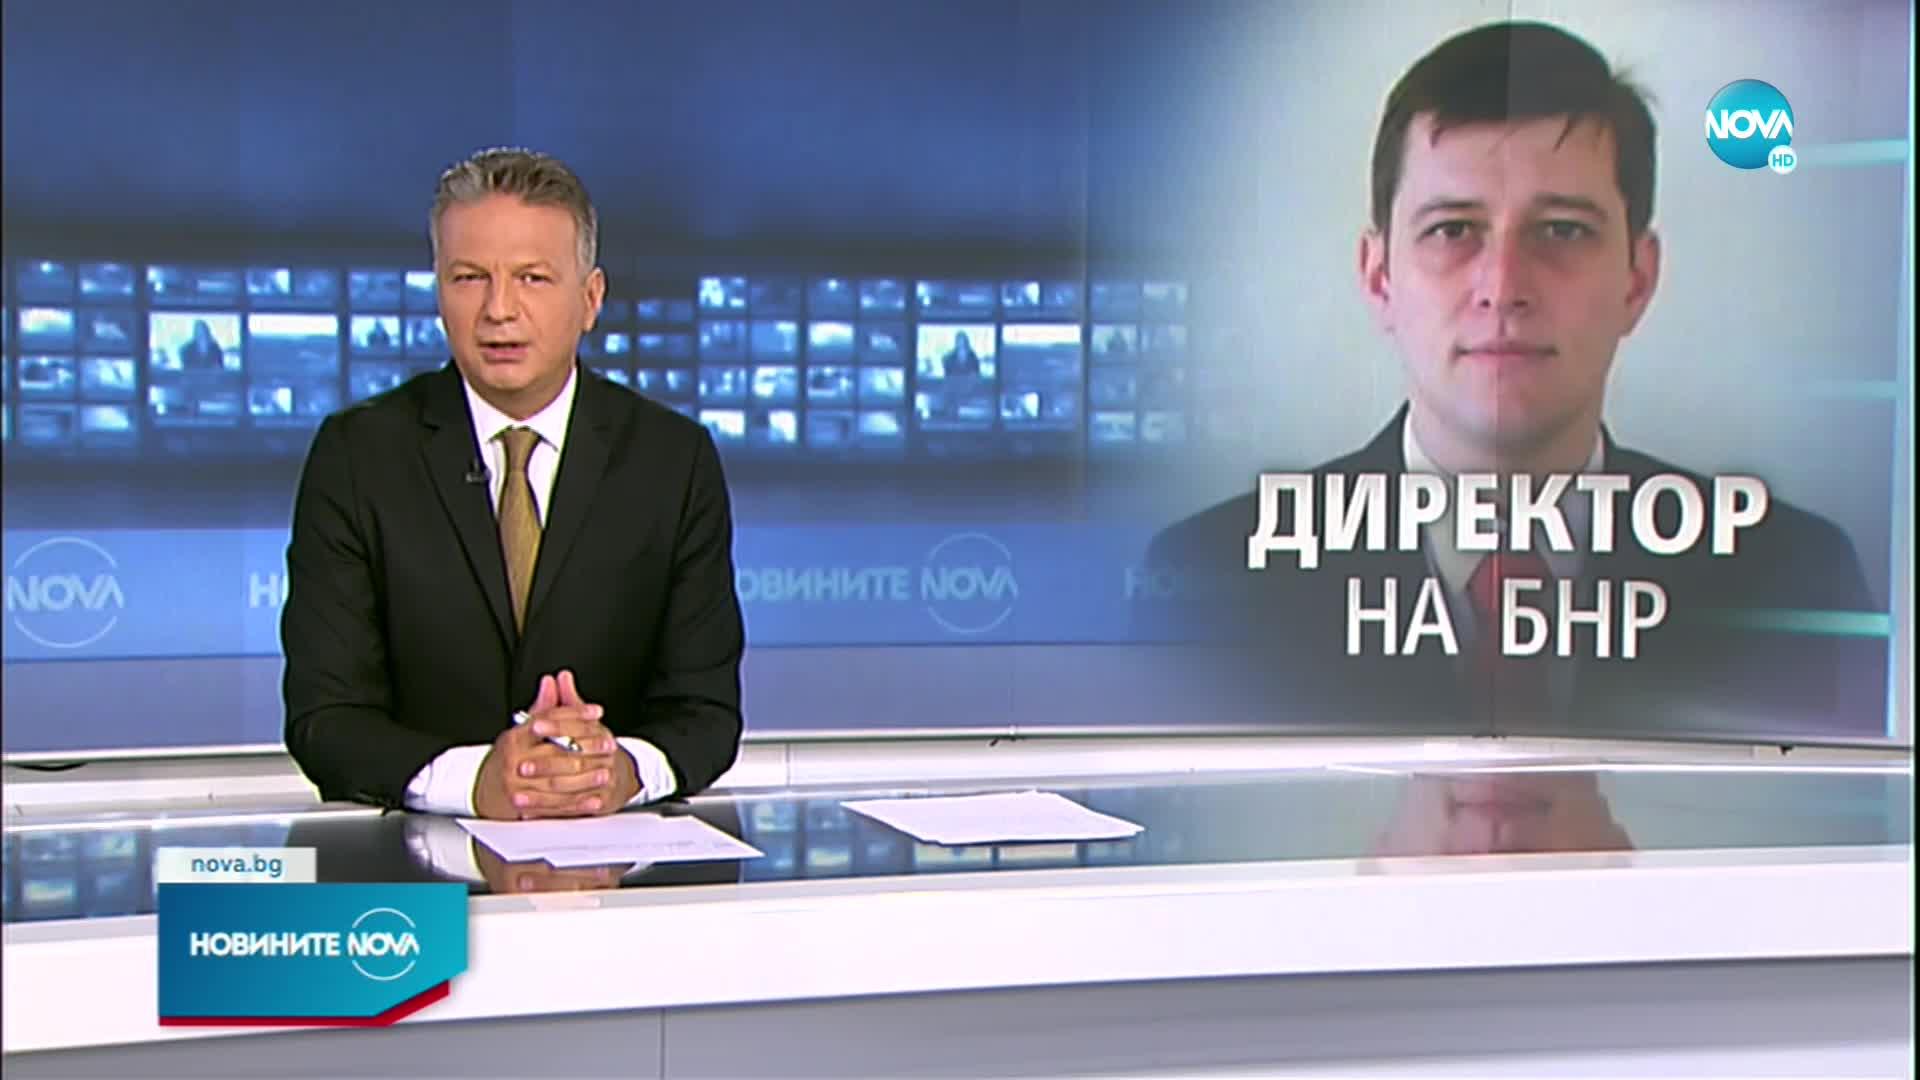 Милен Митев е новият директор на БНР